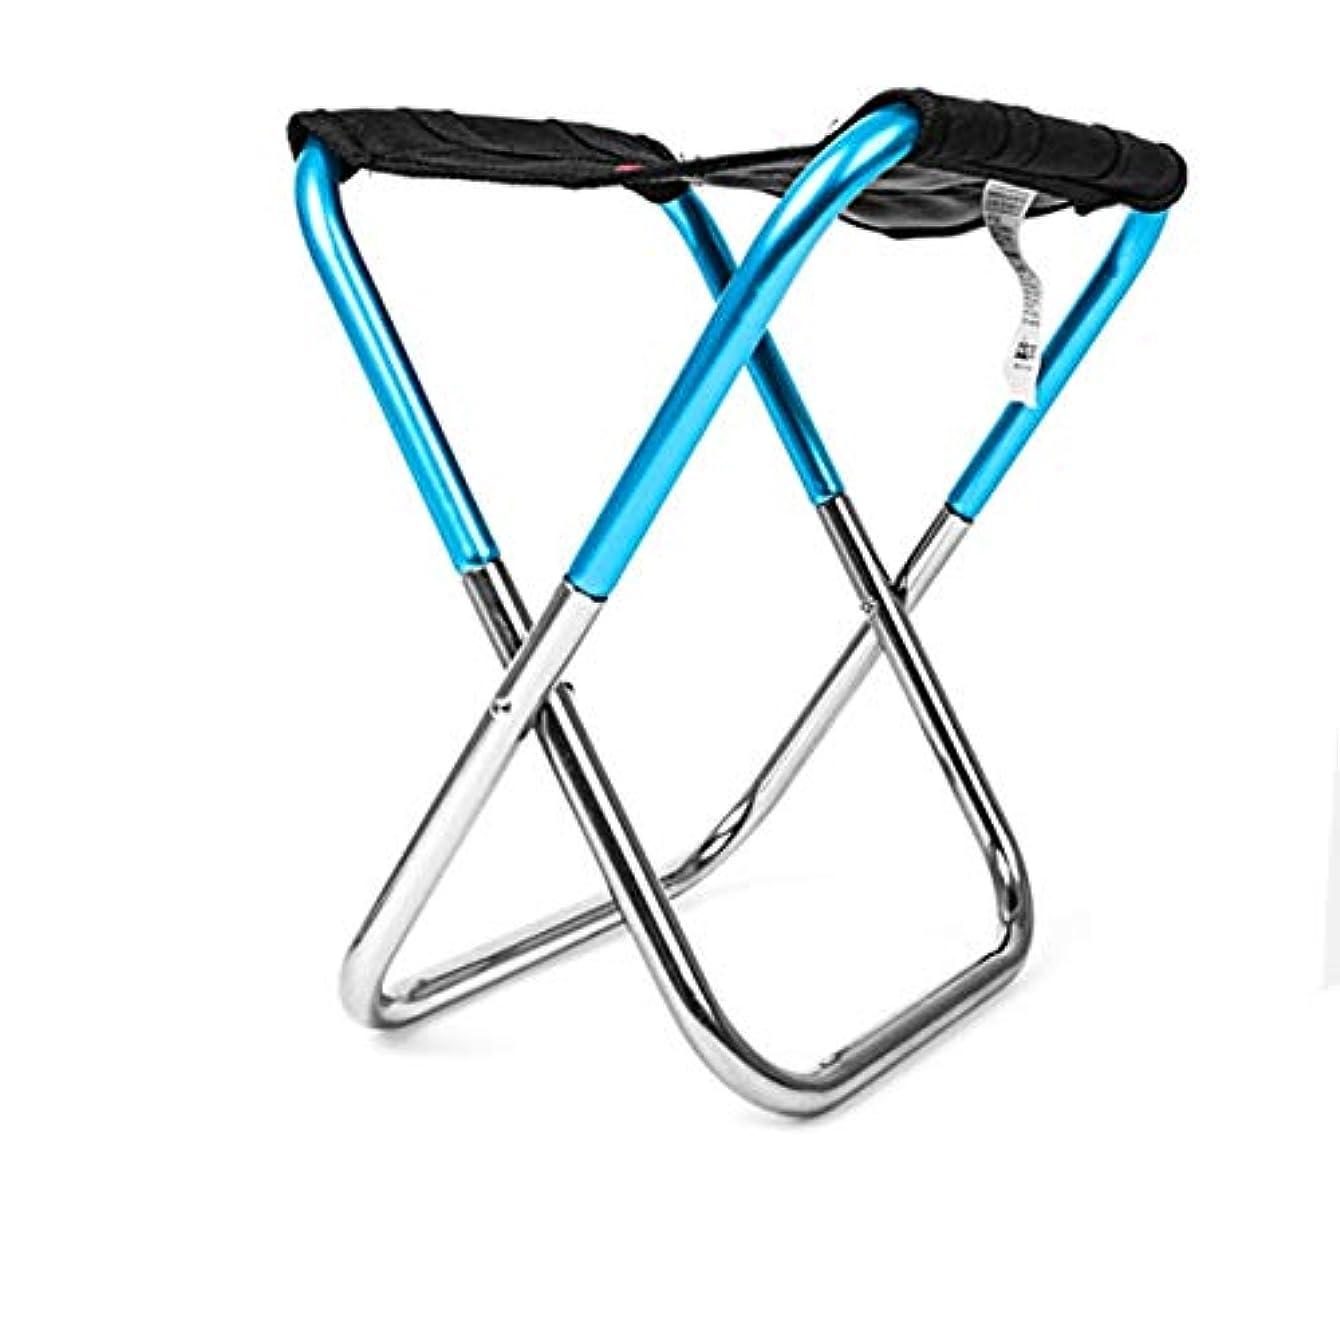 気づかないインストラクター自動的に屋外折りたたみシートチェア折りたたみミニスツールポータブルキャンプフィッシングトレインベンチ折りたたみ式並んだスツール-ブルー